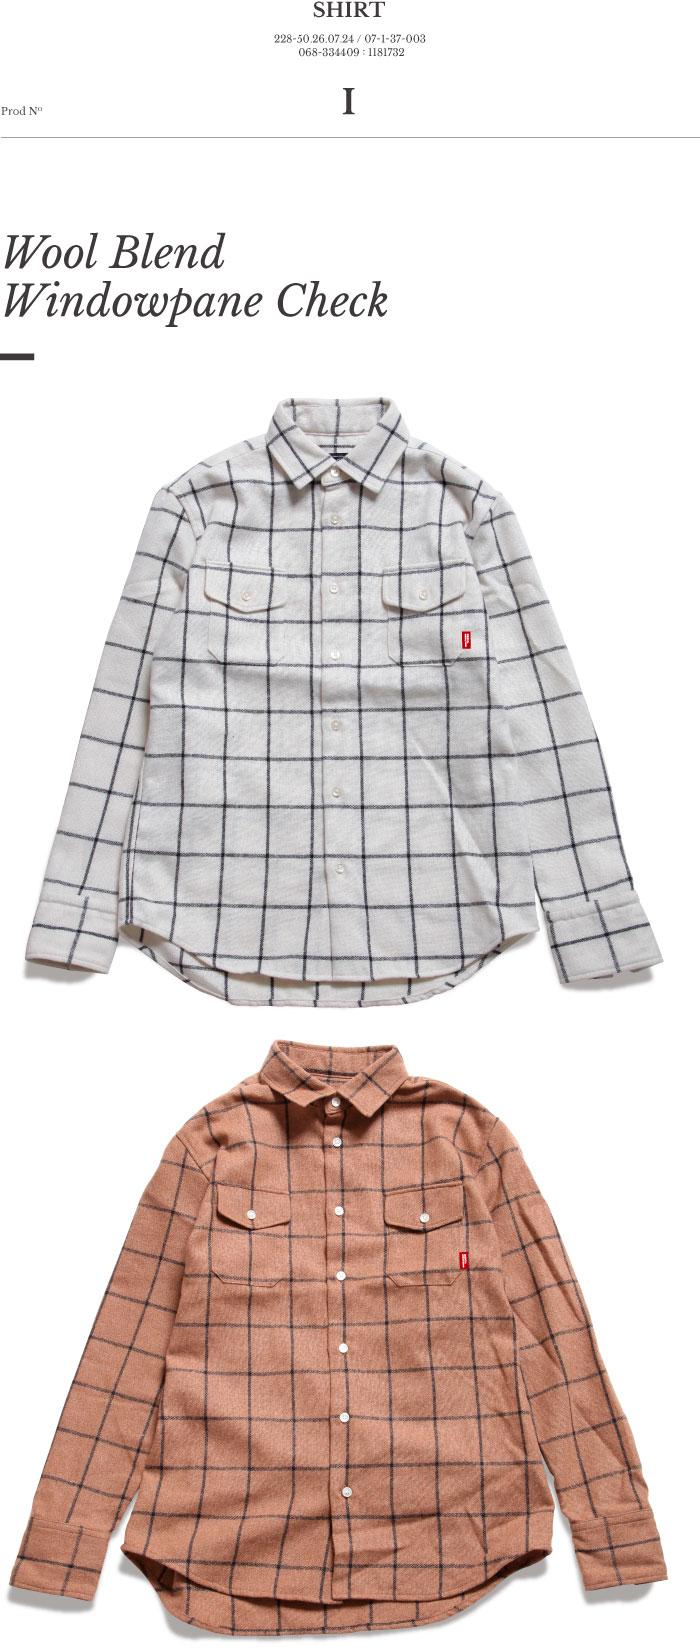 シュルリアル ウィンドペンチェック ウールシャツ